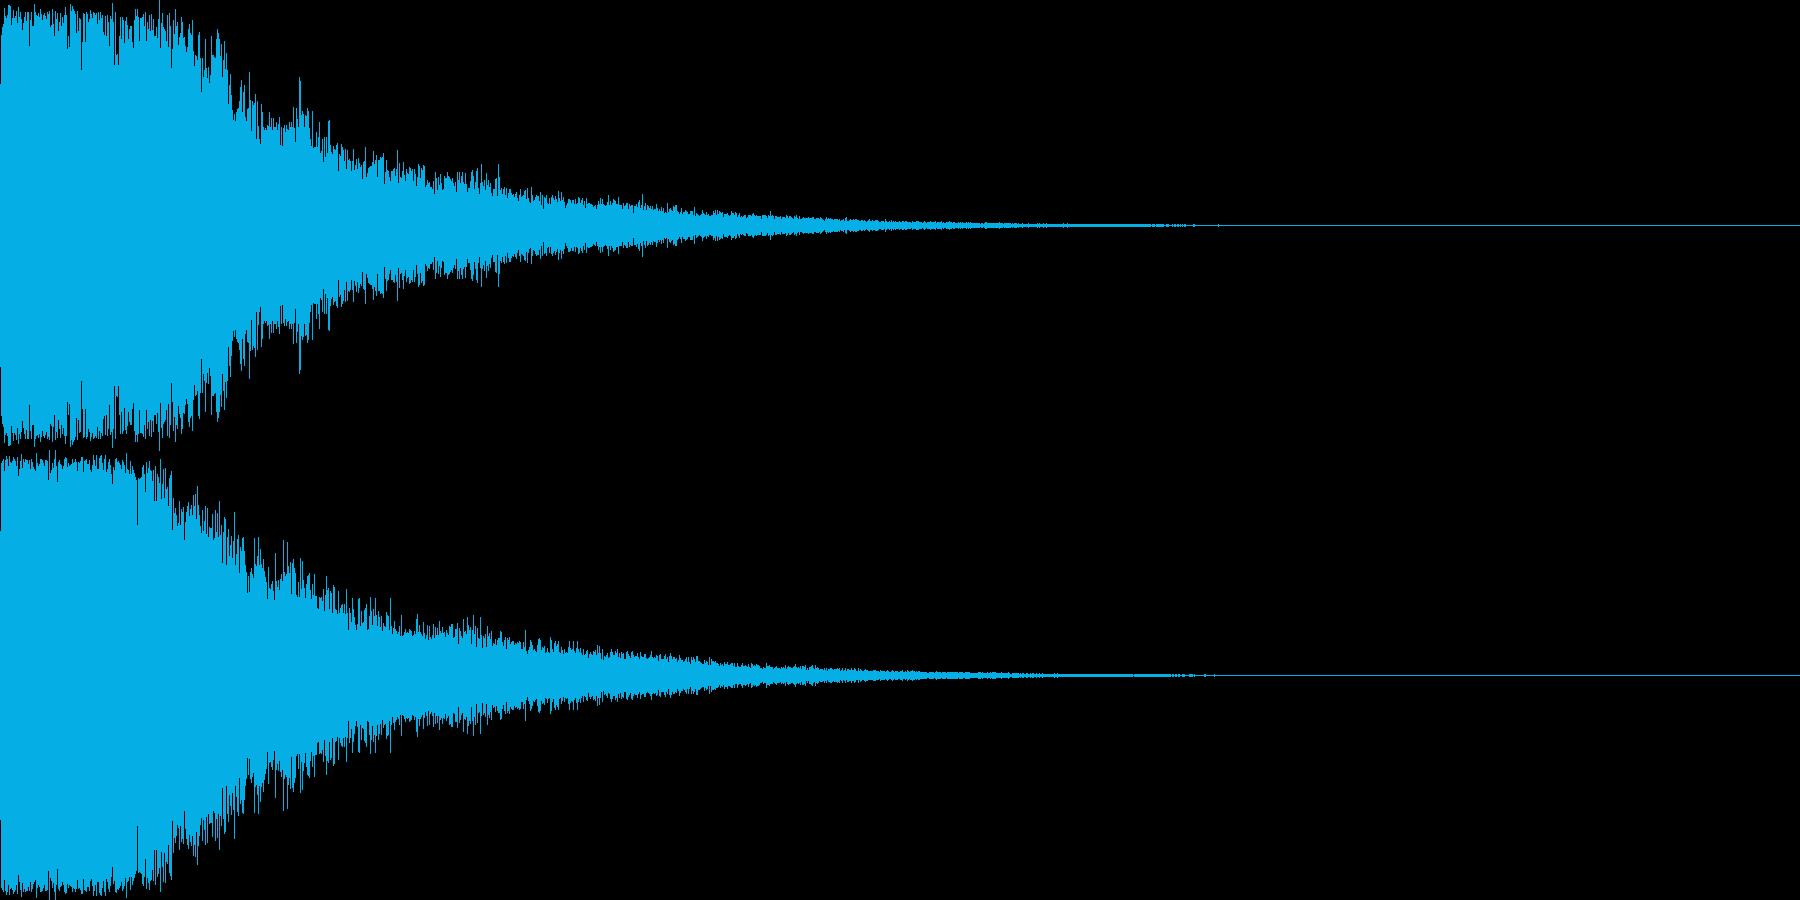 刀 剣 ソード カキーン キュイーン32の再生済みの波形